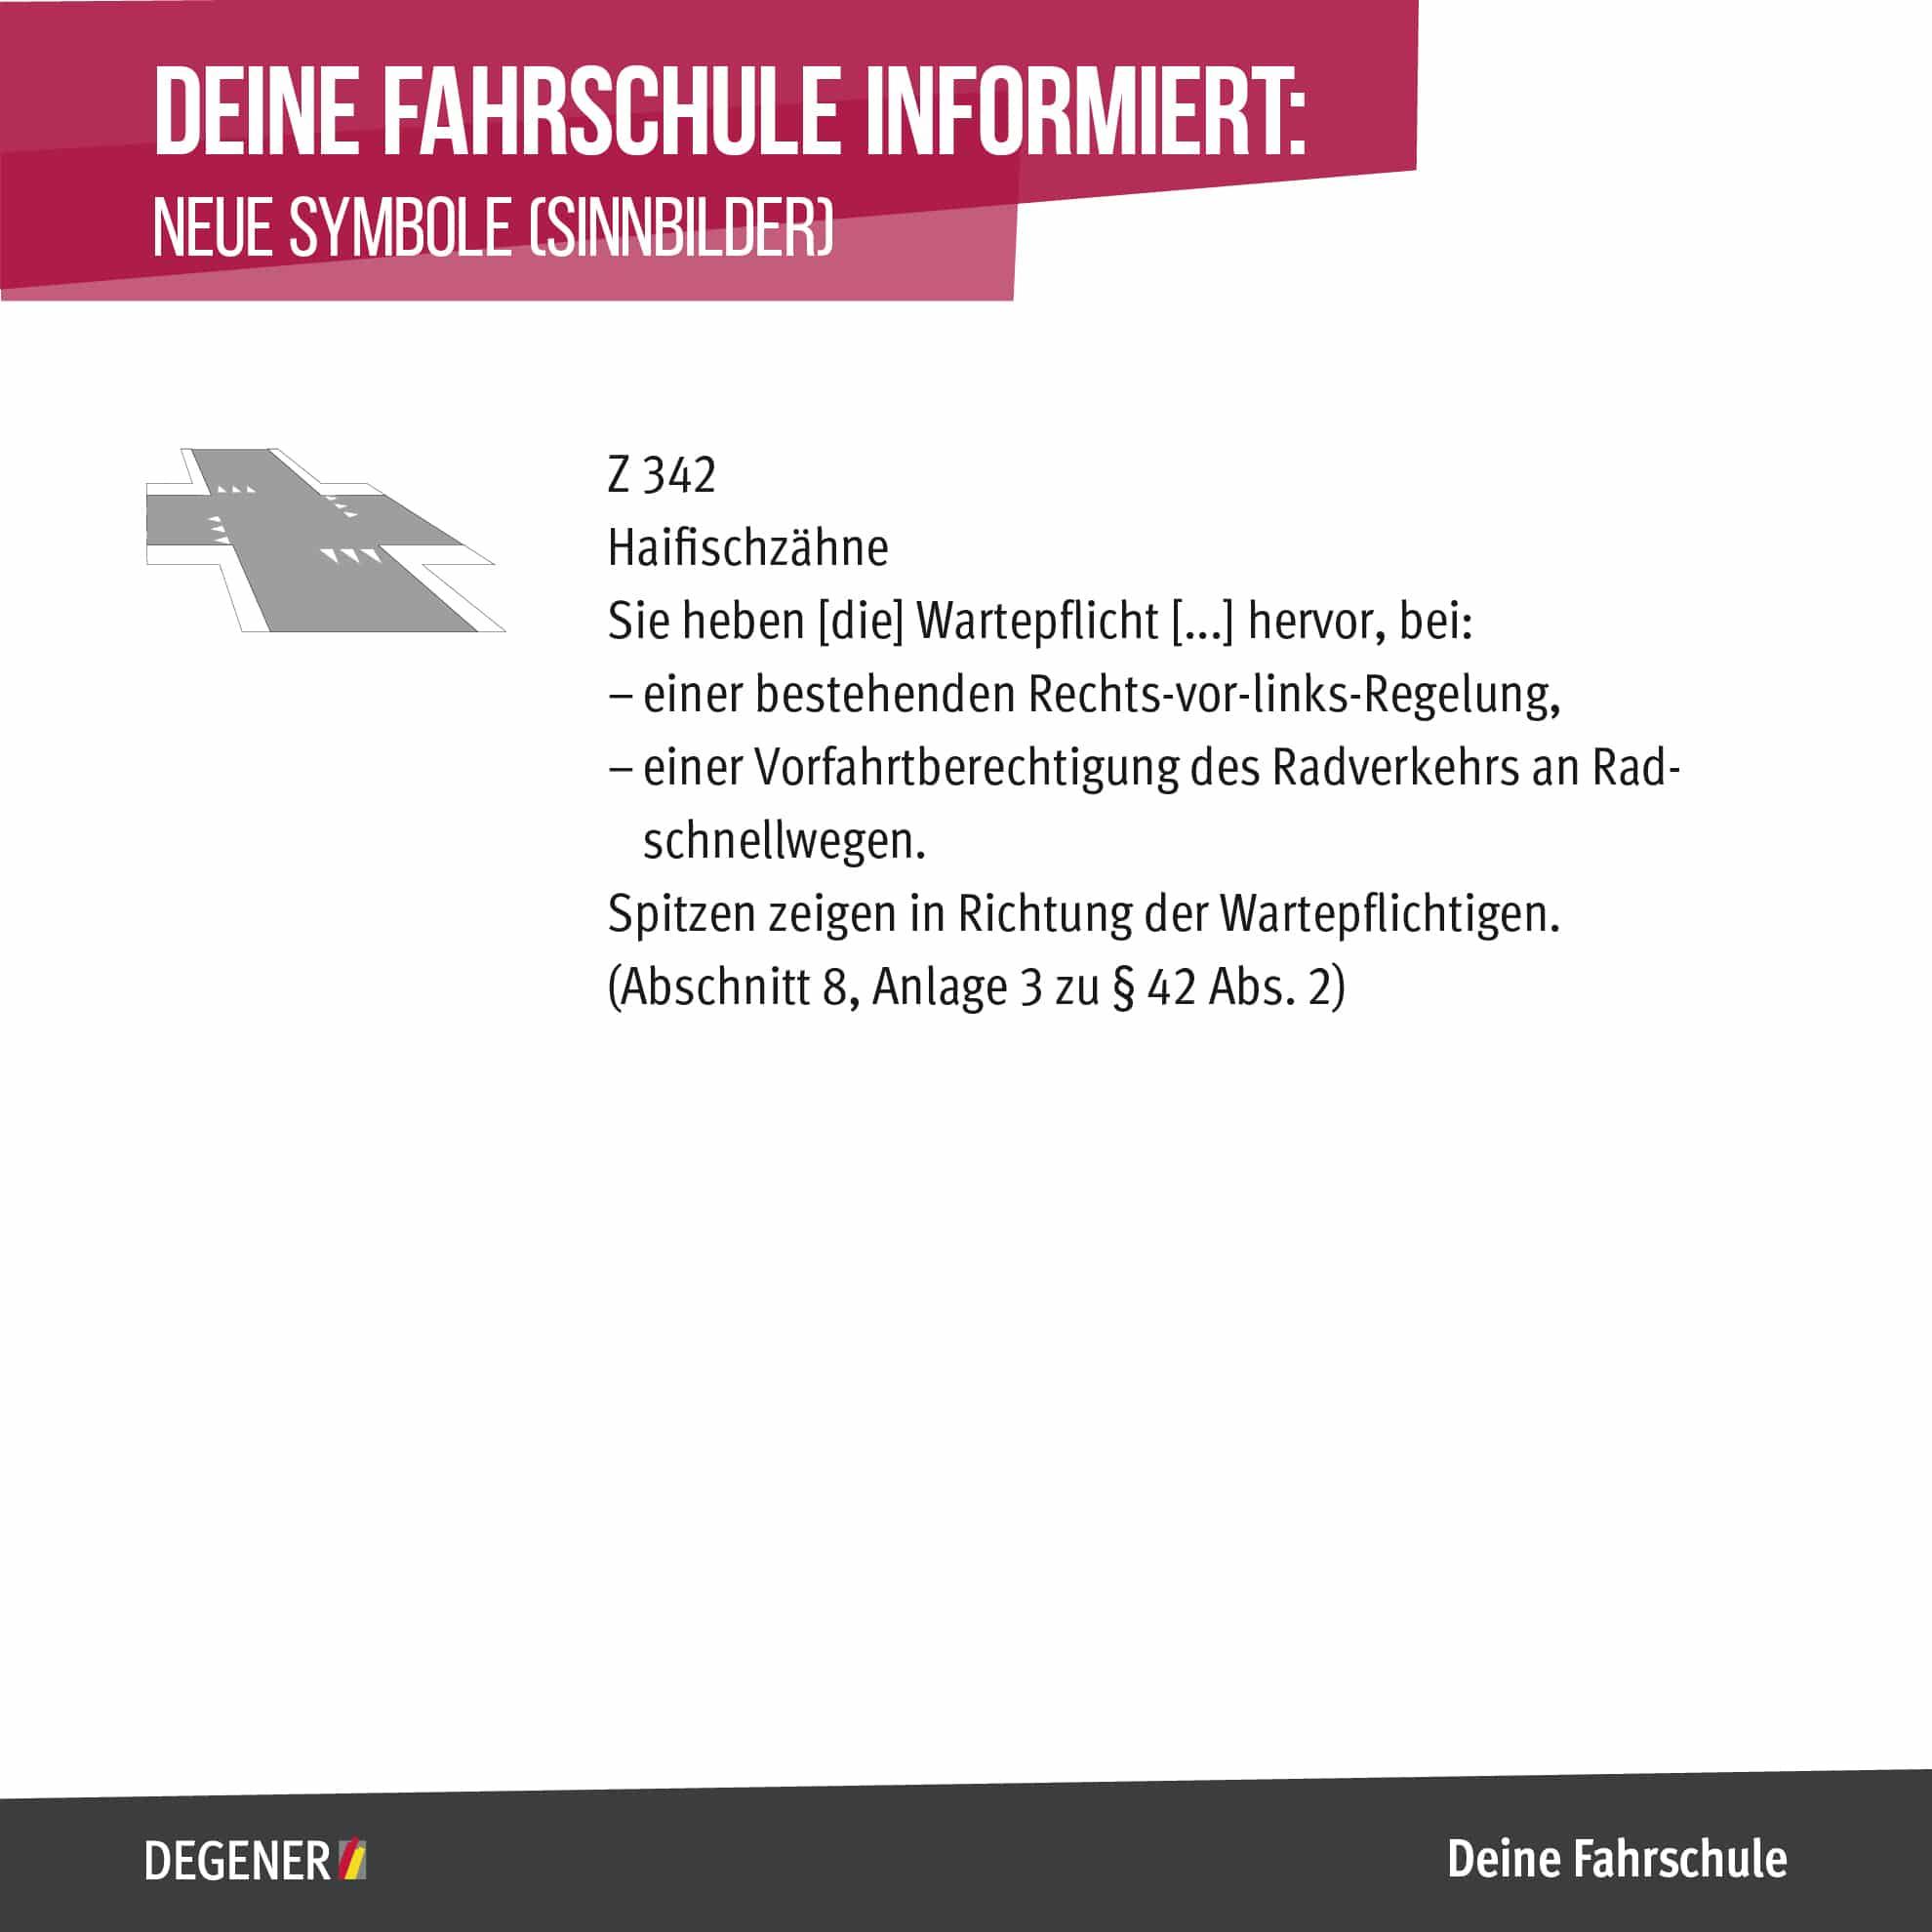 08_Deine-FS-informiert-neue-Verkehrszeichen